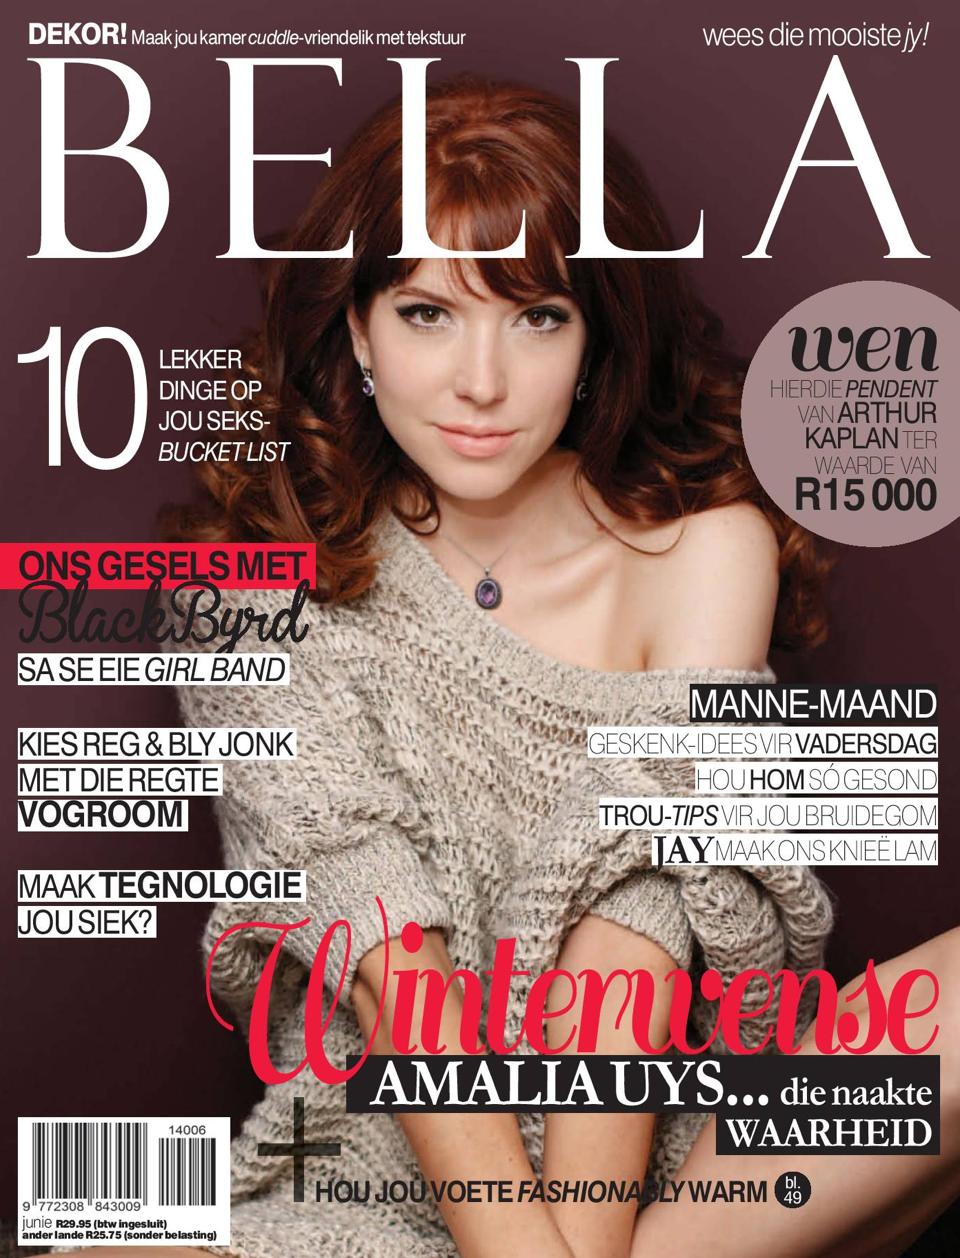 Amalia Uys our beautiful amalia uys on the latest bella magazine cover